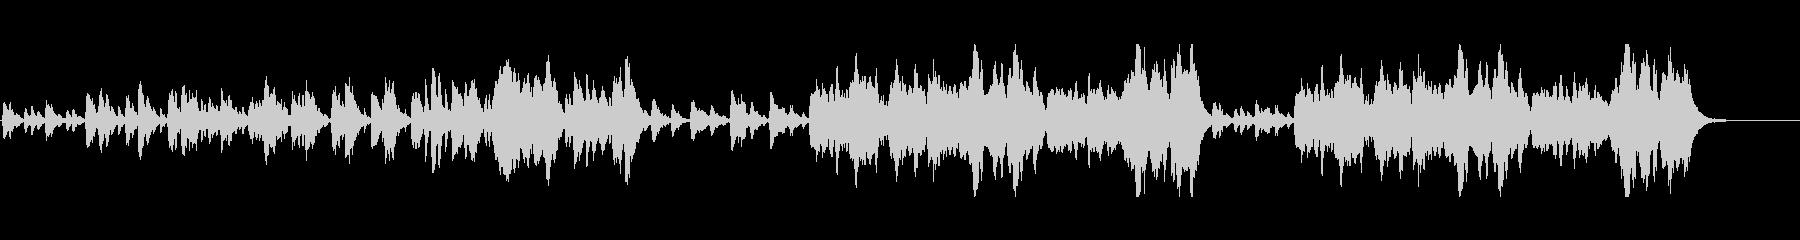 バレエ/ワルツ/明るい/春/1分30秒の未再生の波形